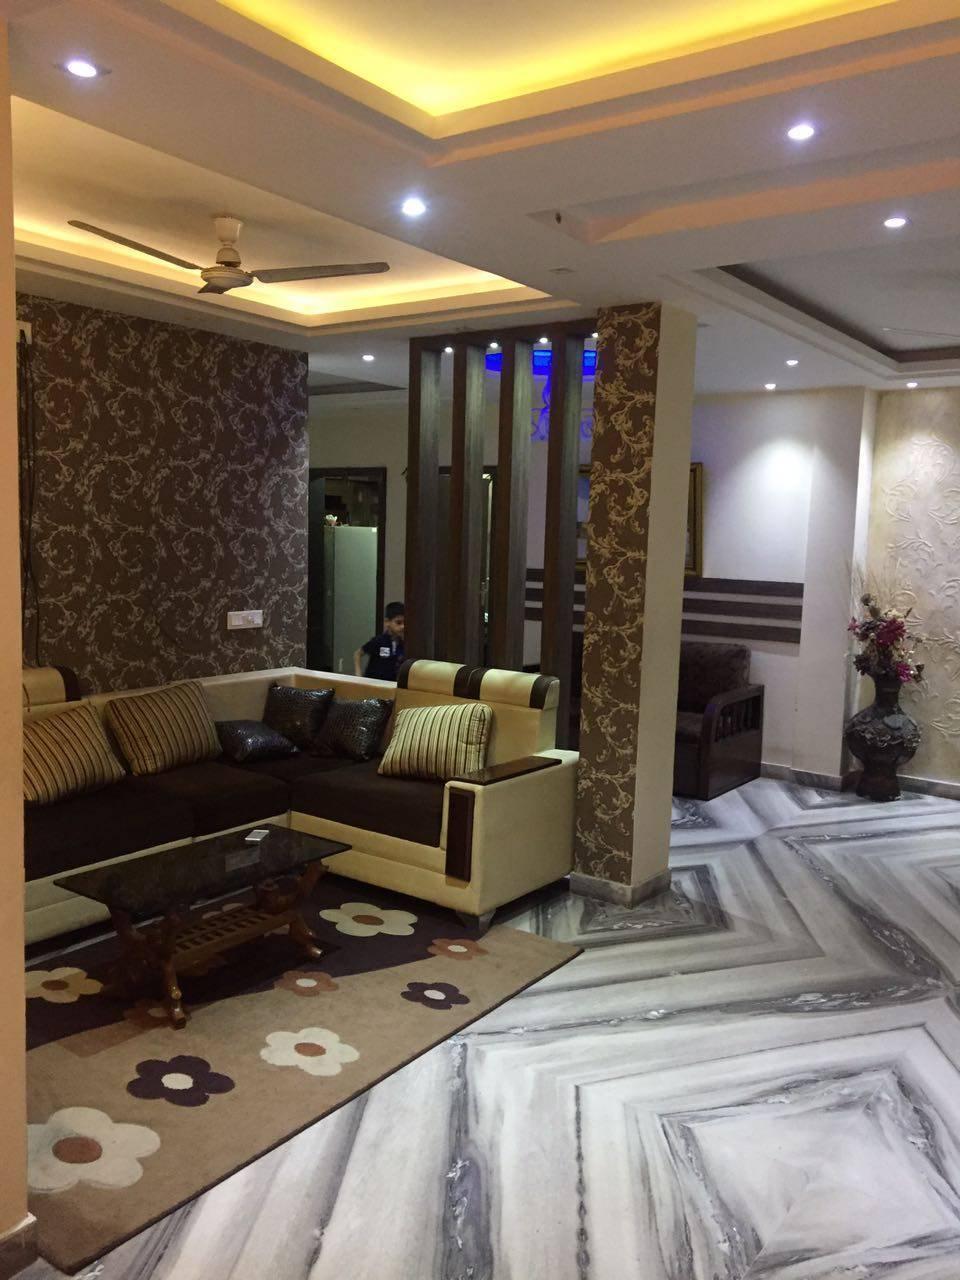 Avinash House, Kolkata, India, India hotellit ja hostellit